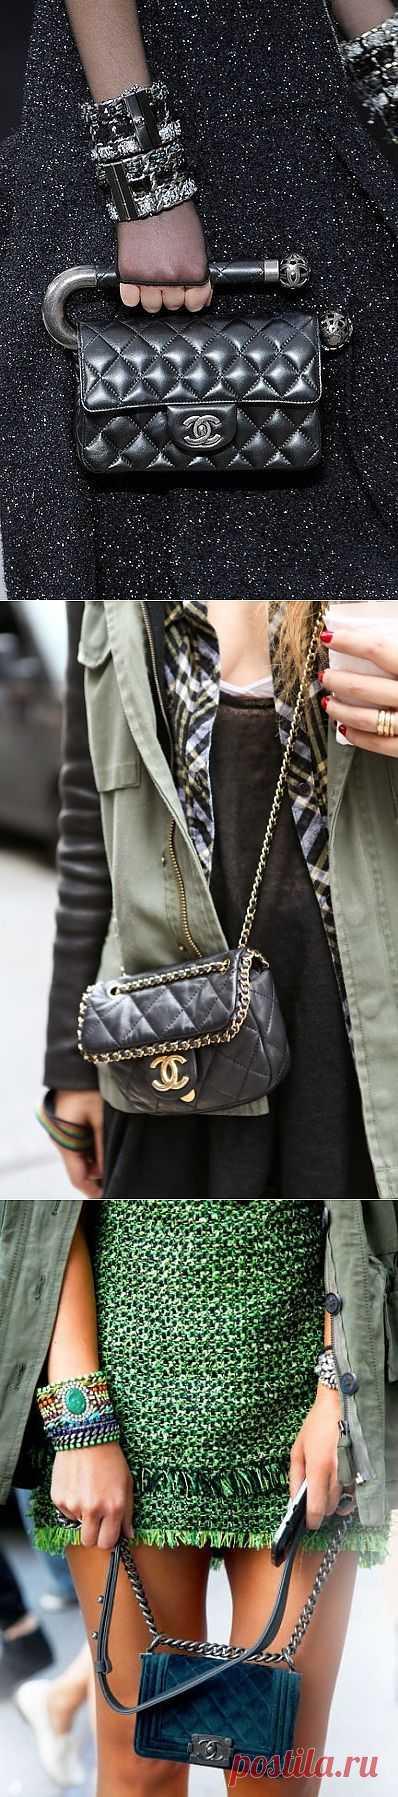 Три необычные сумочки CHANEL / Сумки, клатчи, чемоданы / Модный сайт о стильной переделке одежды и интерьера